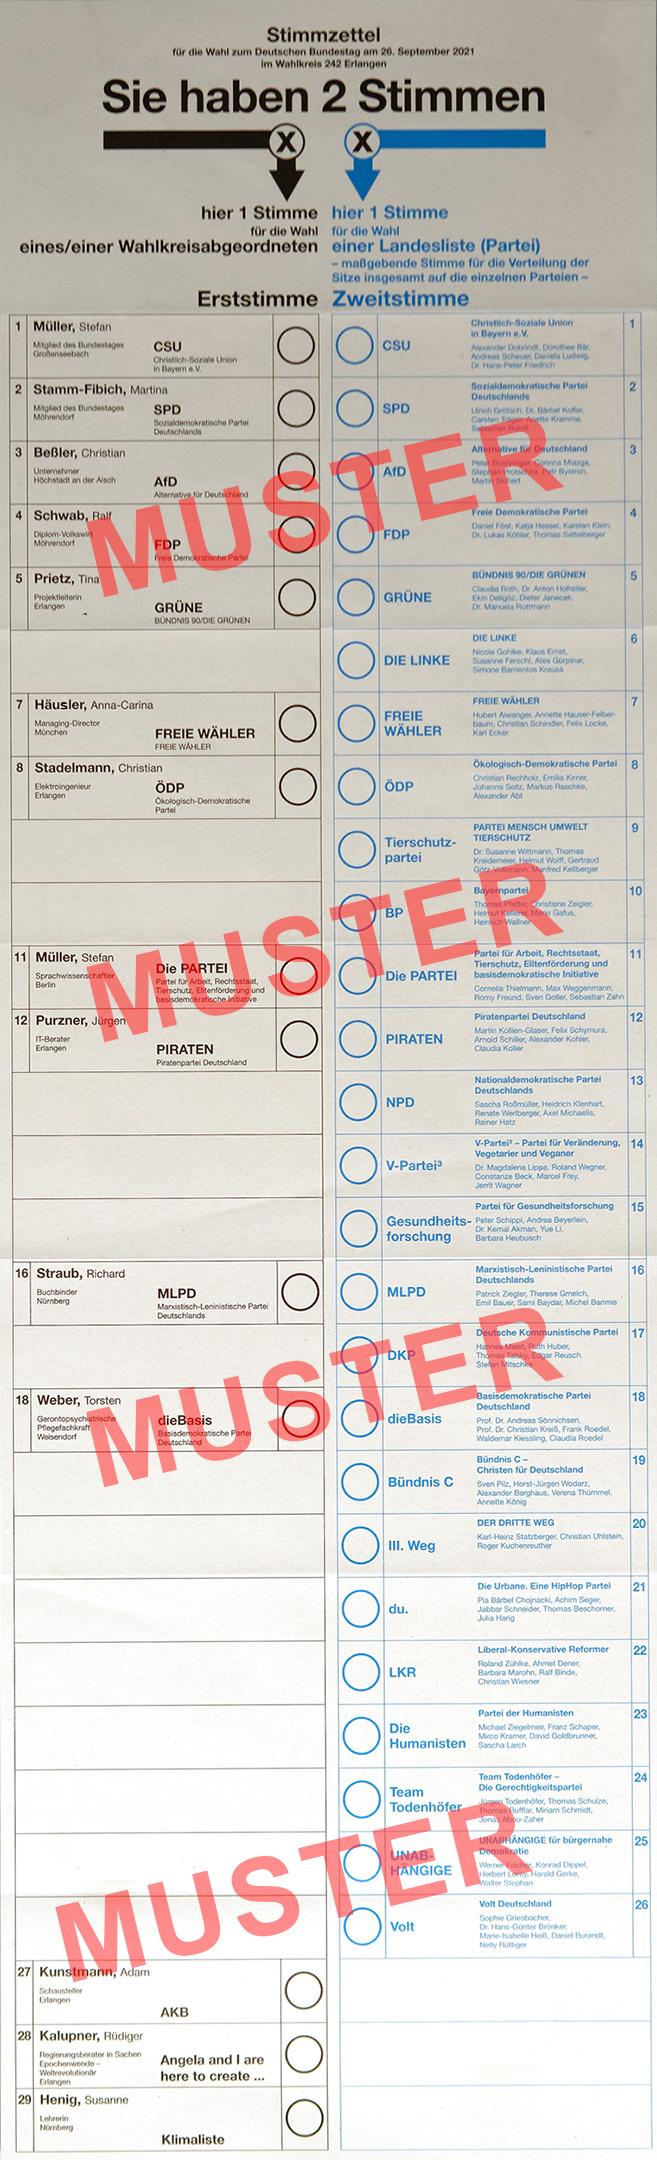 Musterstimmzettel zur Bundestagswahl 2021